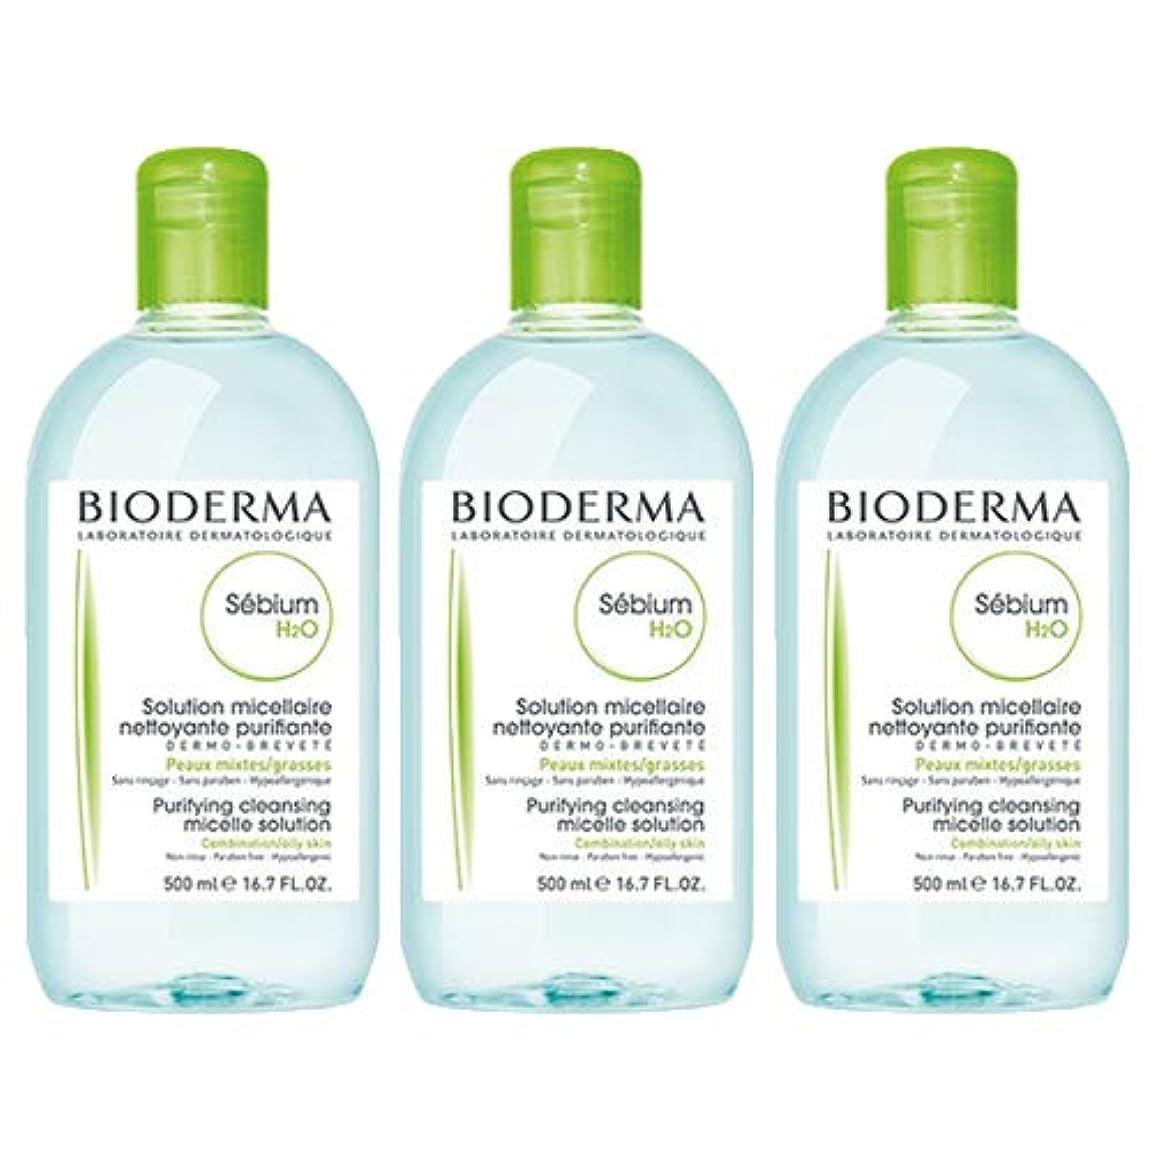 割り当てます放棄する立場ビオデルマ BIODERMA セビウム H2O (エイチ ツーオー) D 500mL 【3本セット】 [並行輸入品]